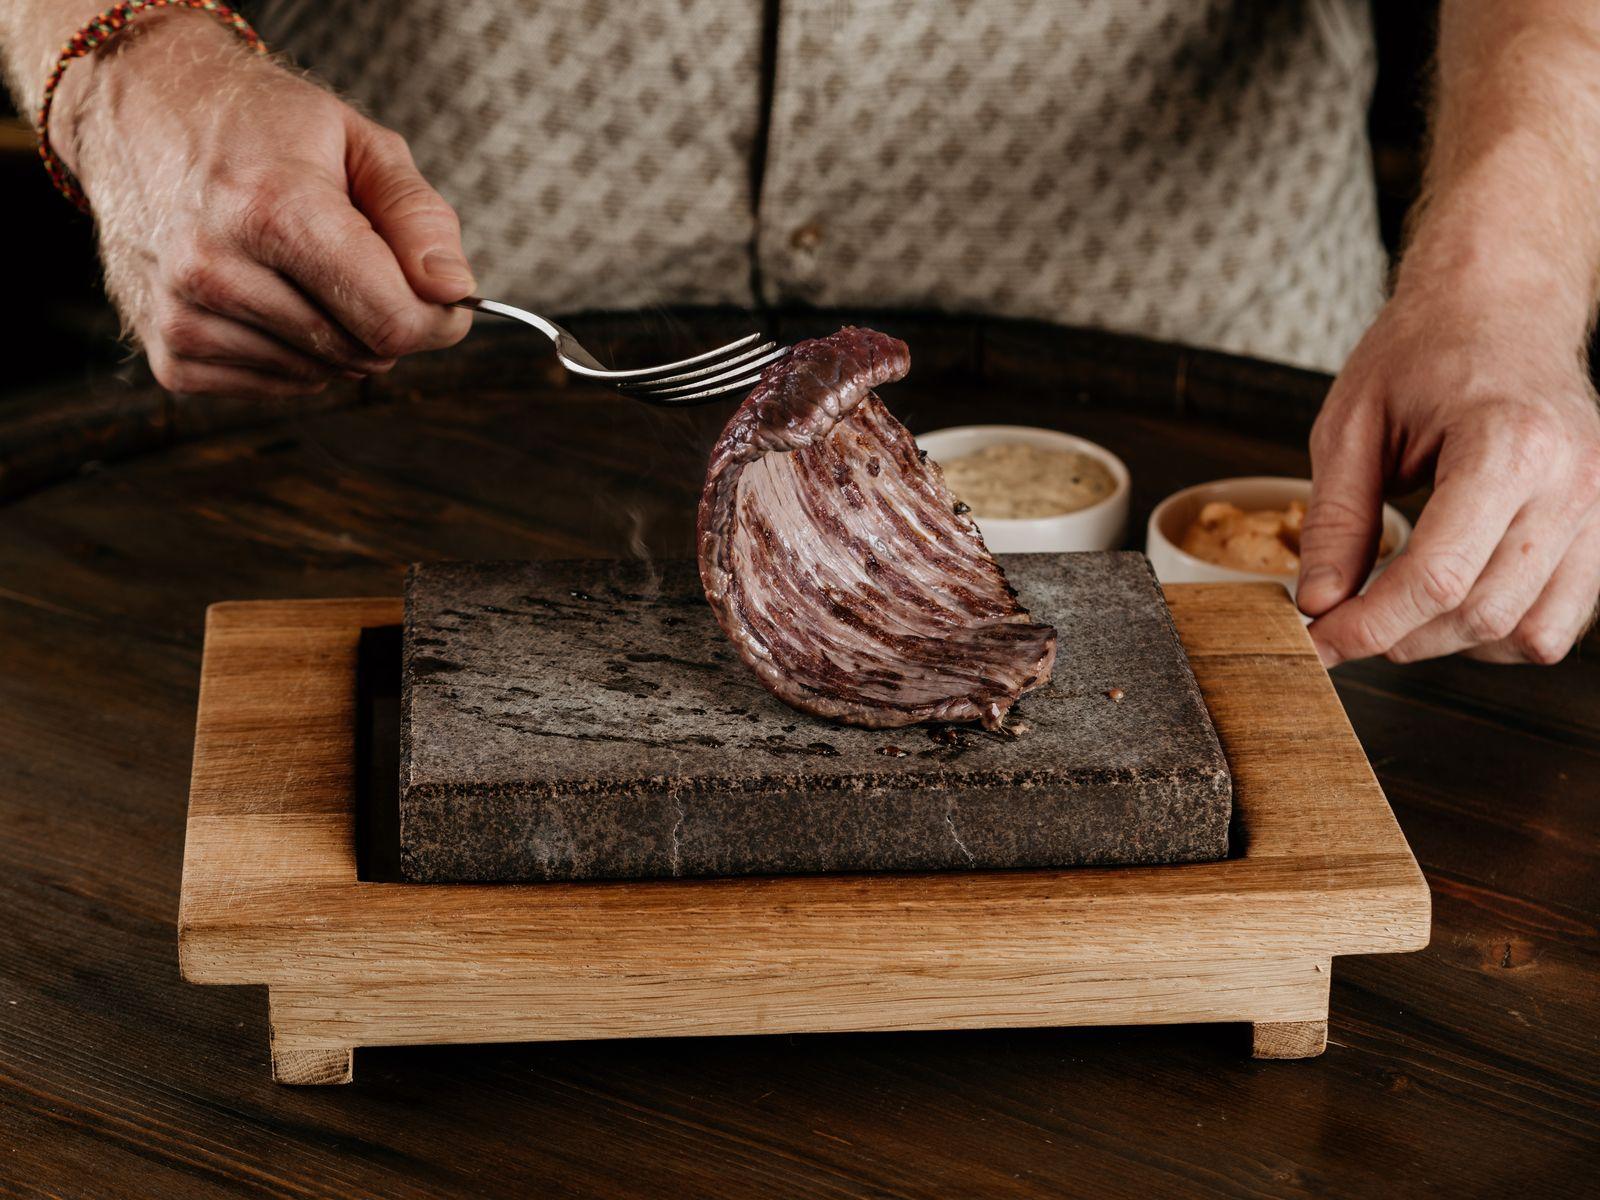 мясо на вулканическом камне, каменный гриль, лавовый камень, камень для жарки, Stonegrill